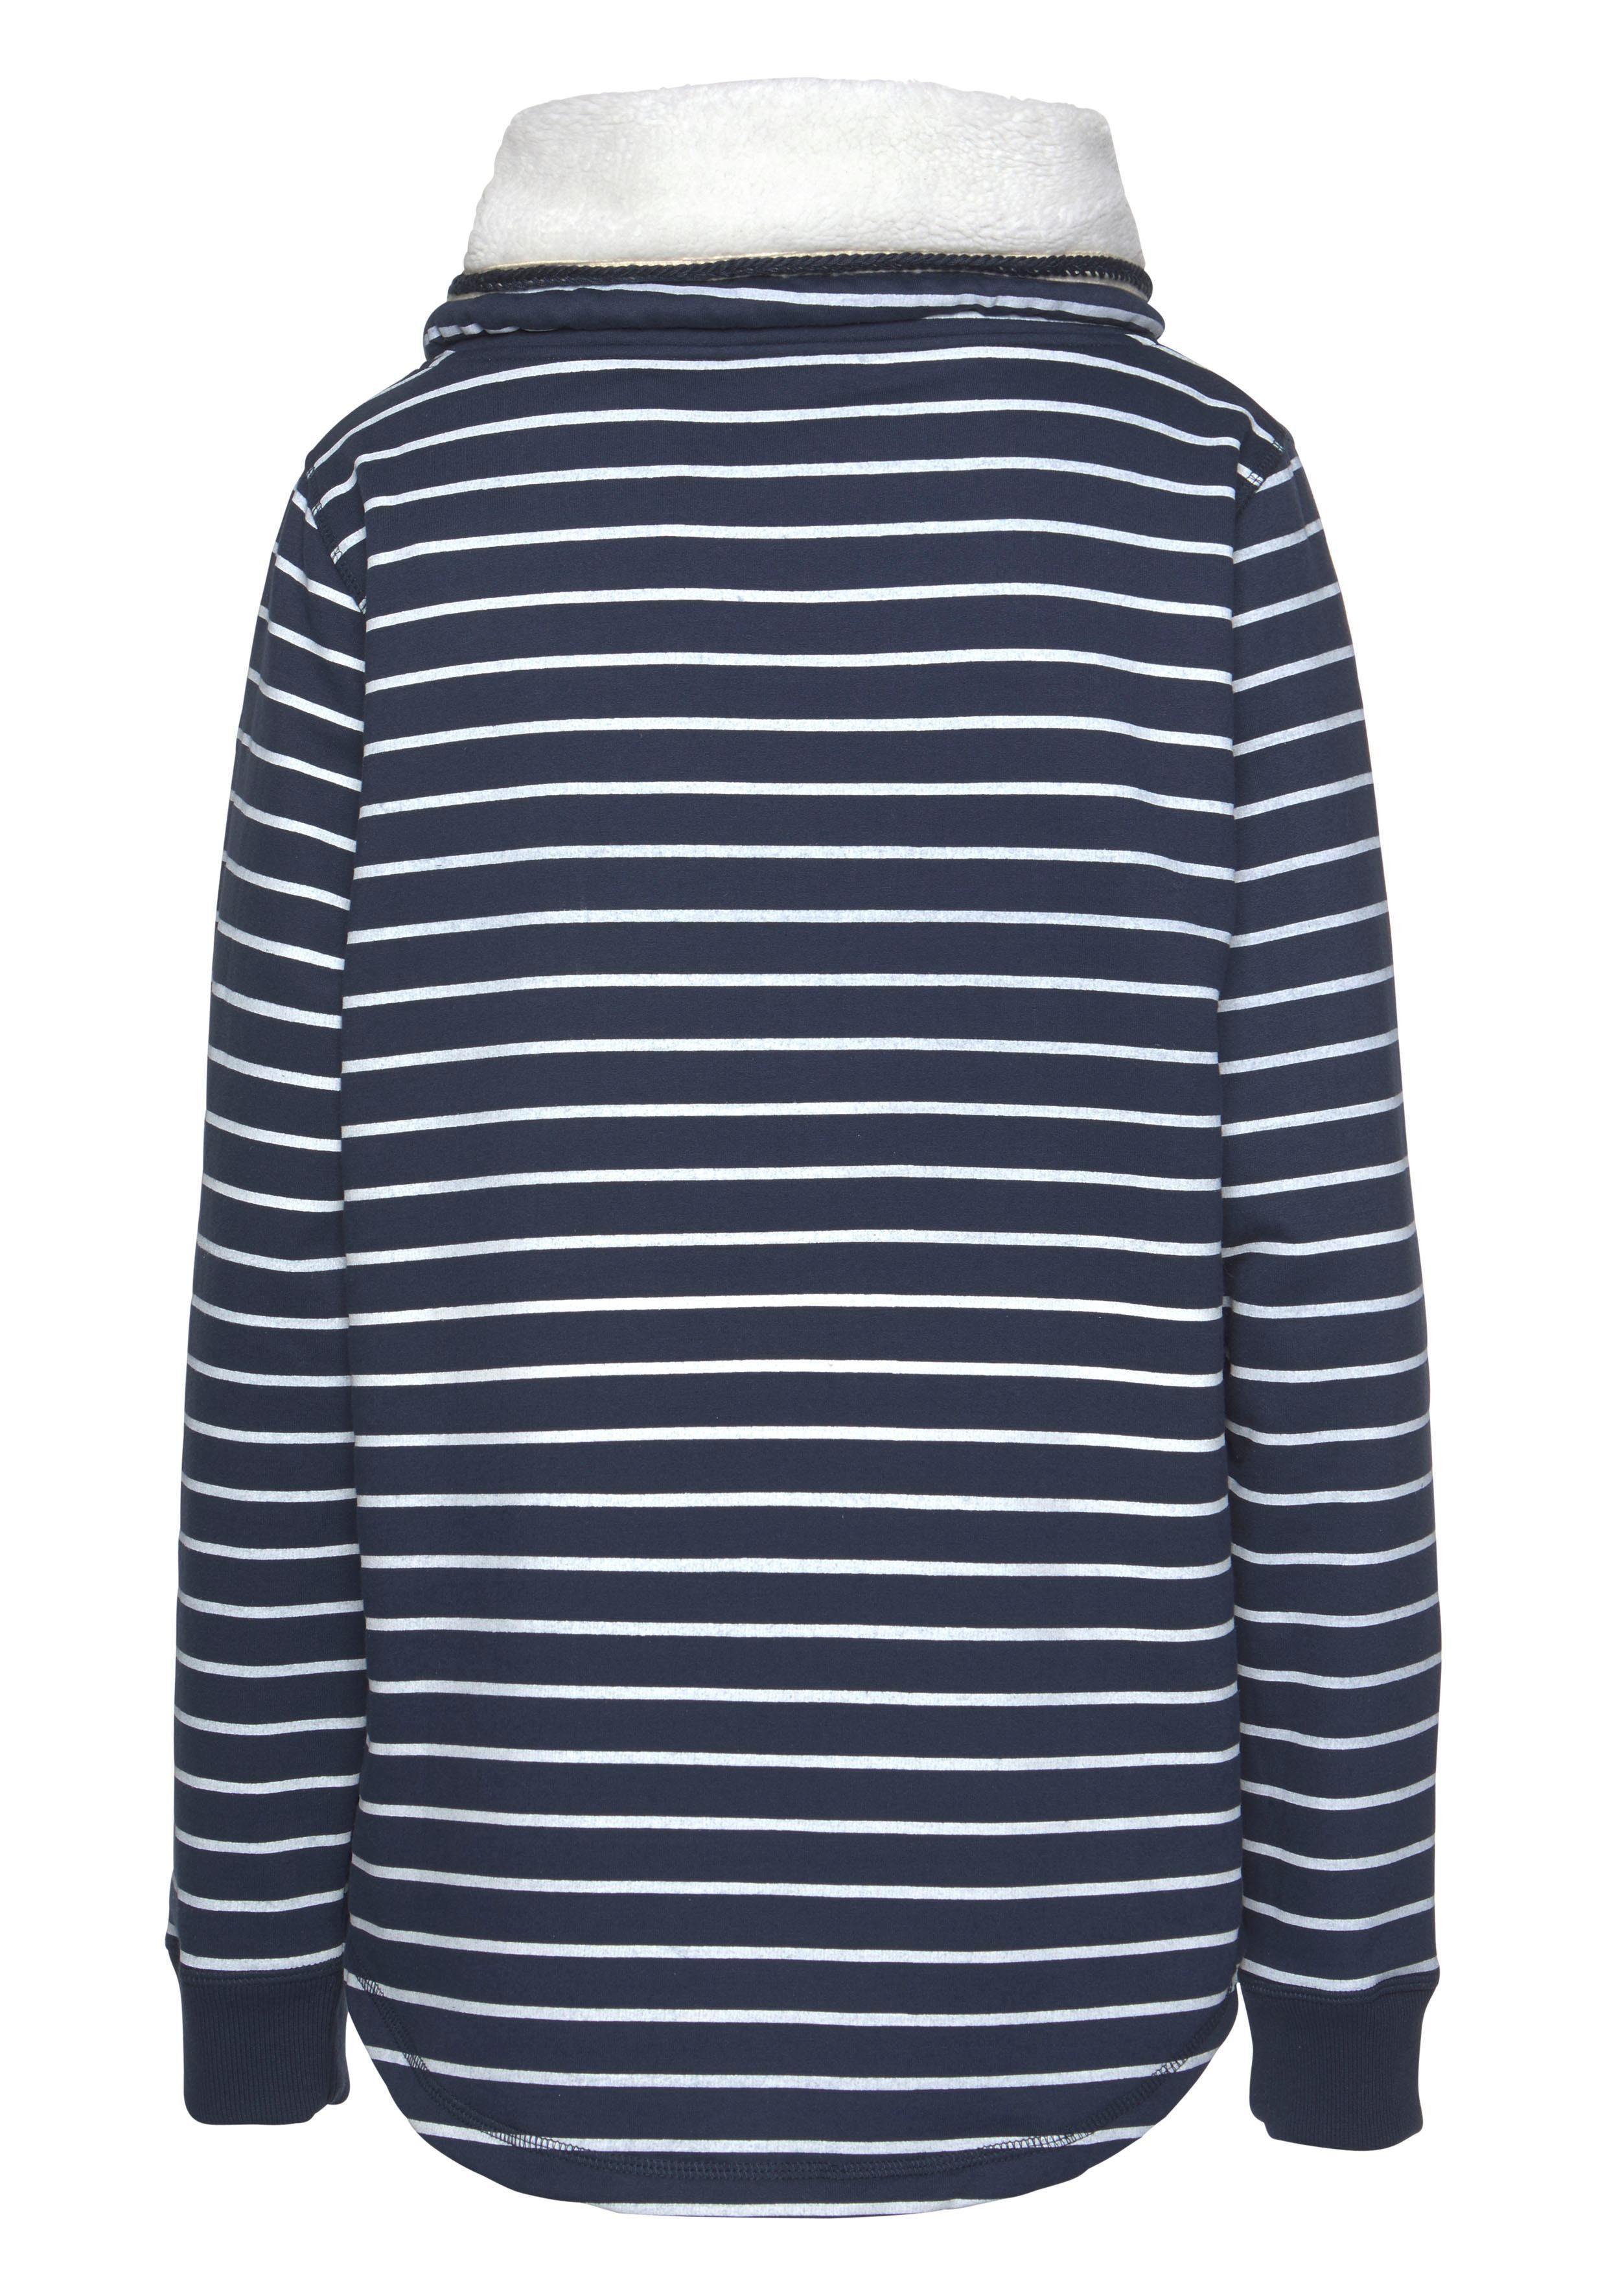 Gemütlicher Sportswear Sweatshirt Hoher Extra Gefüttert Kragen Ocean Teddyplüsch Mit xI7dq17S